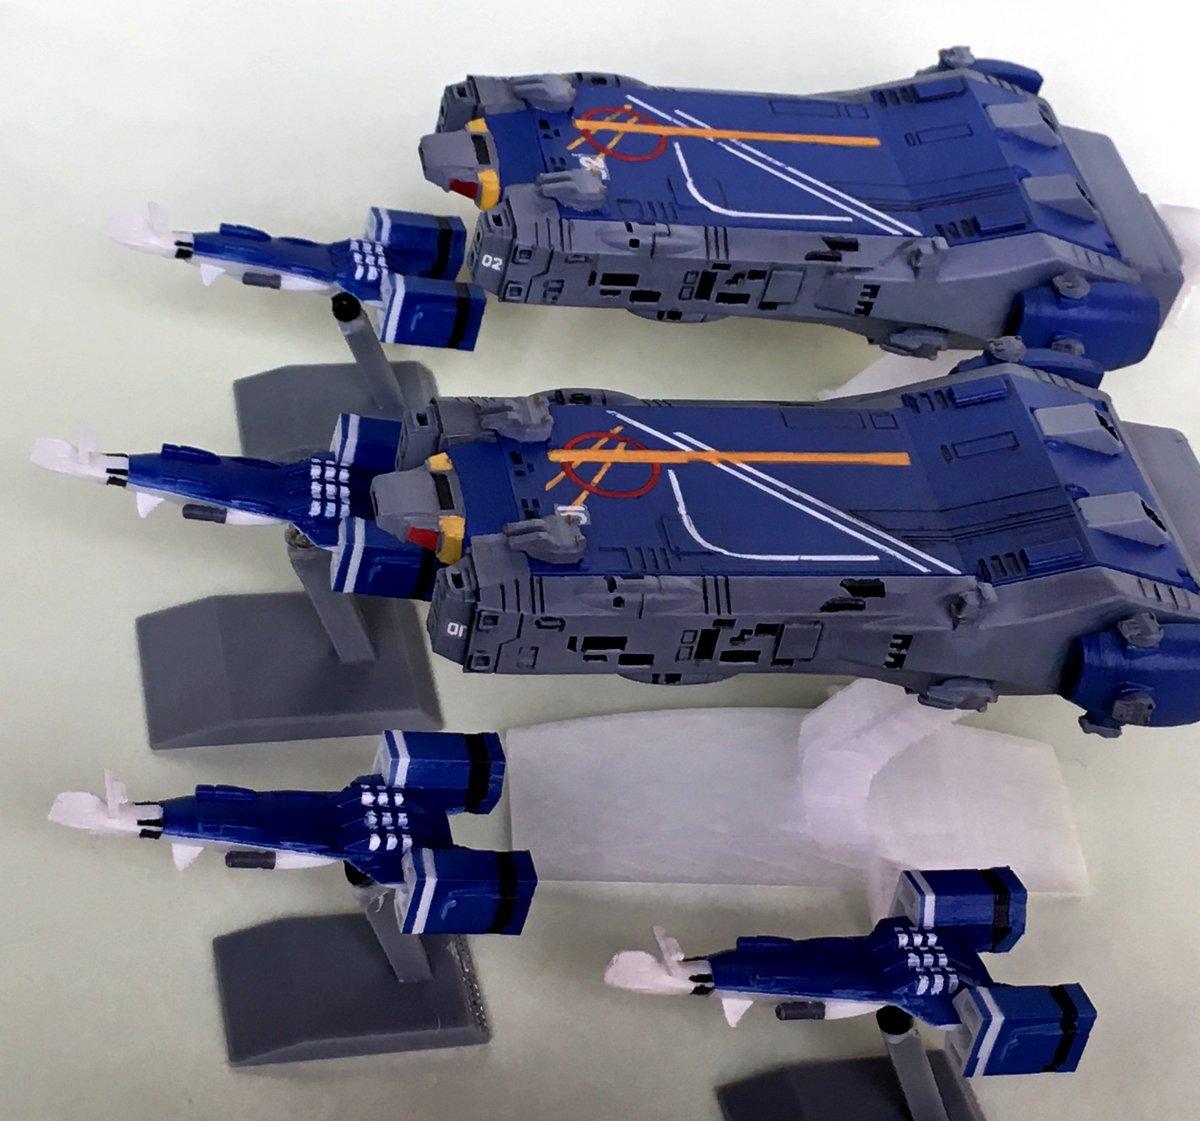 デカールを作ったのは当然アームド02も並べるため。駆逐艦も合わせてマクロス第一話のアームド艦隊です。ブリタイの斥候艦隊な